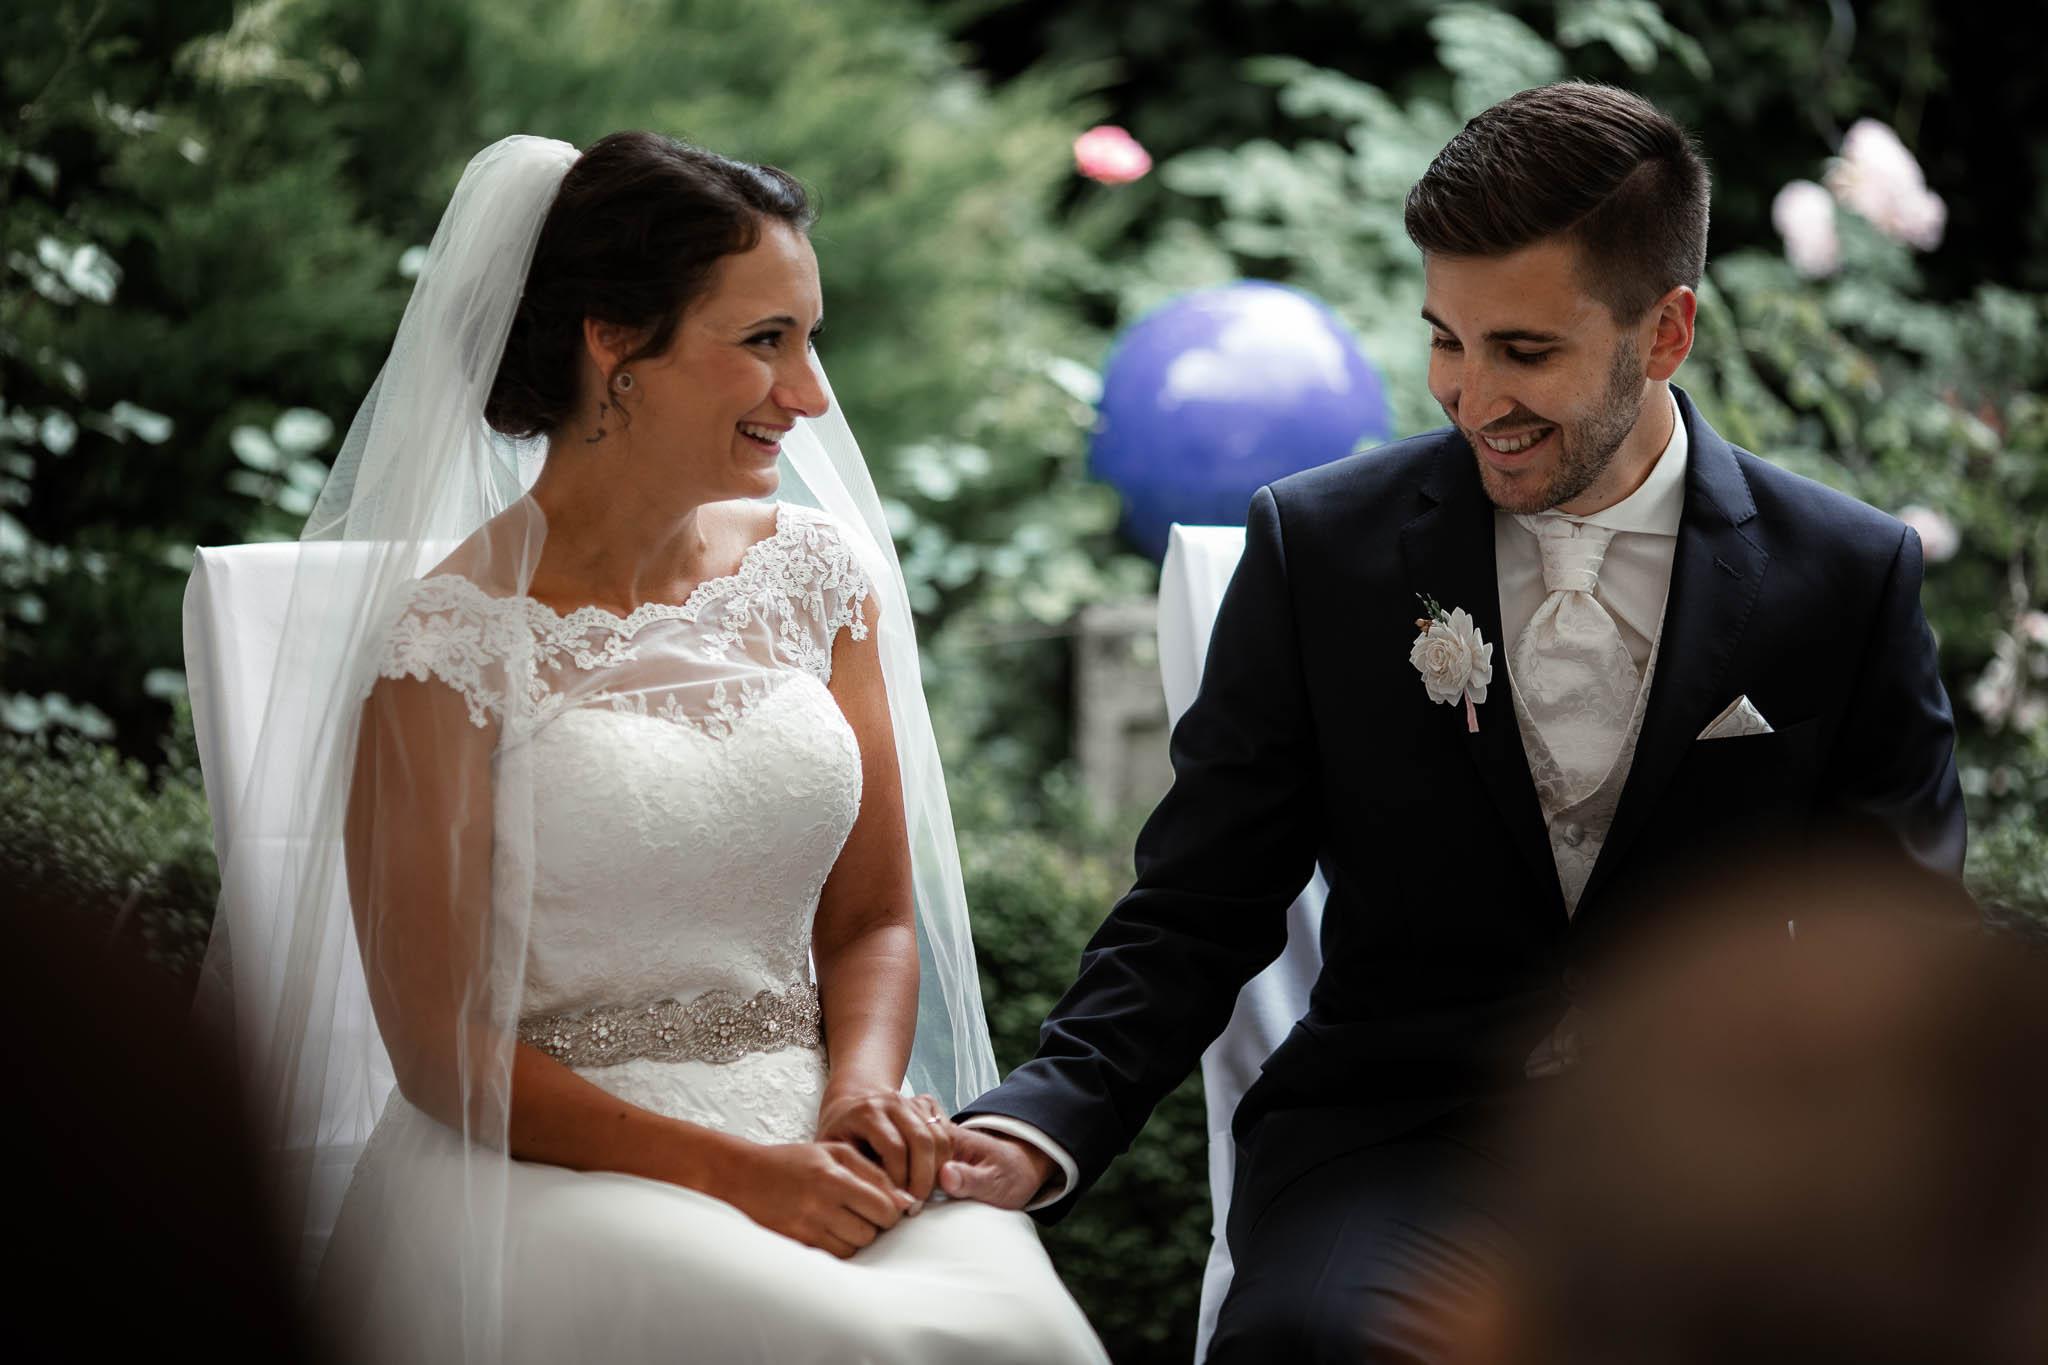 Hochzeitsfotograf Monzernheim: freie Trauung von Sarah & Patrick 28